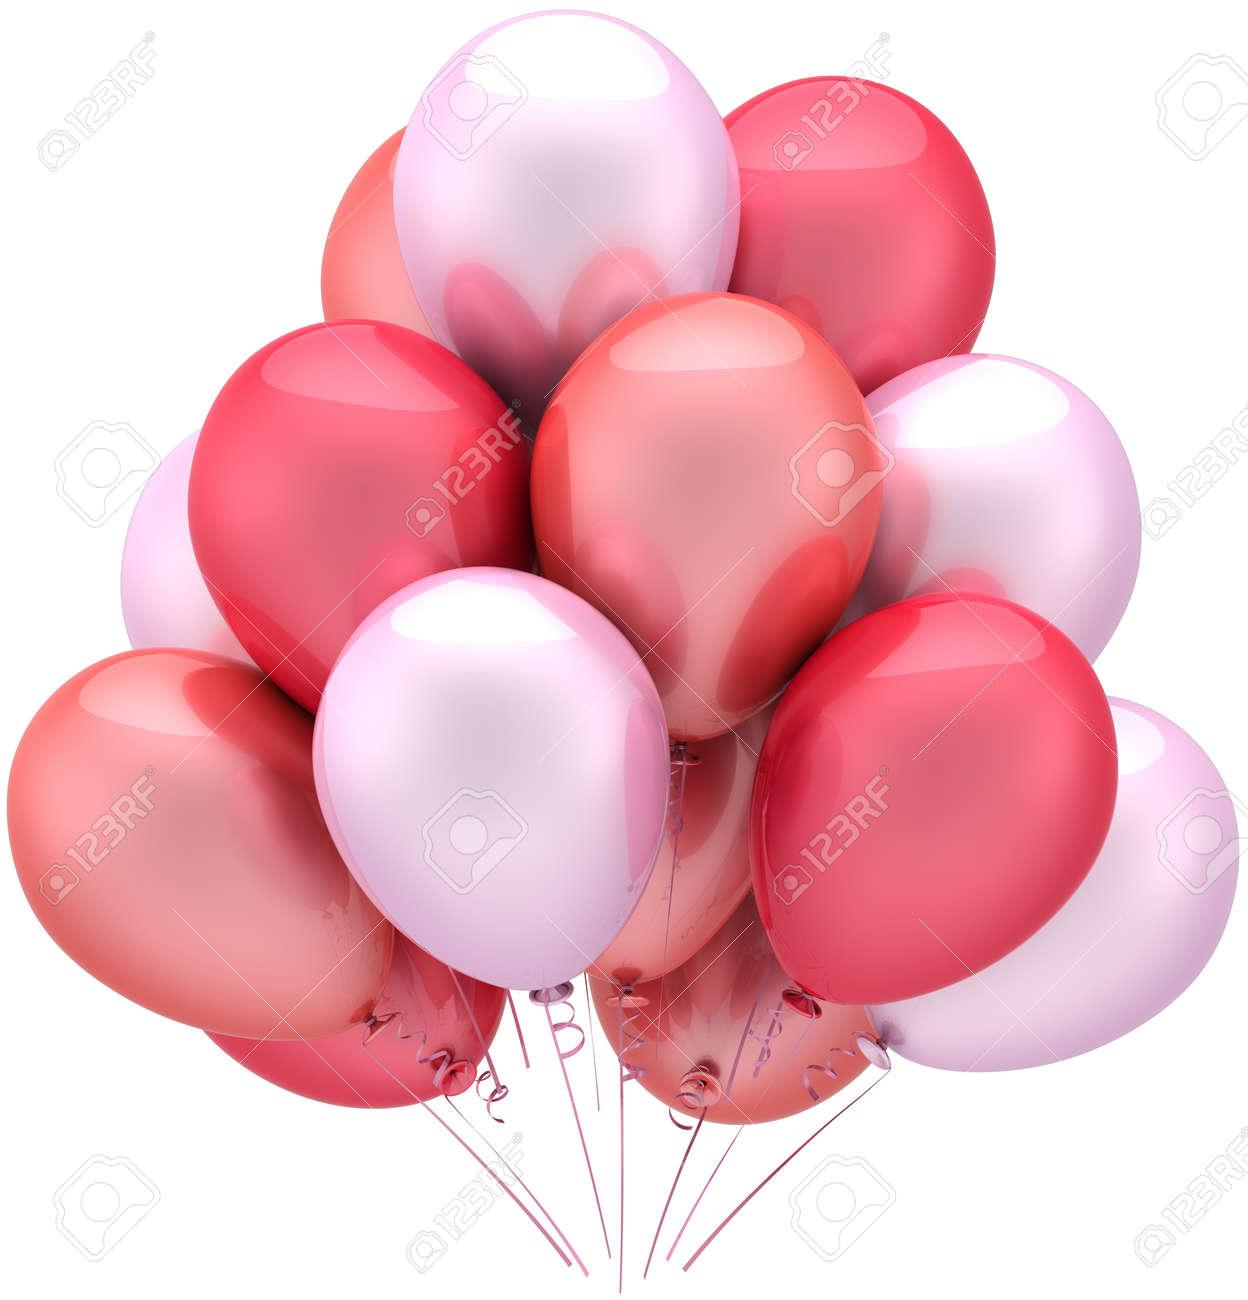 Carte Anniversaire Romantique.Ballons Fete D Anniversaire Romantique Amour Decoration Coloree